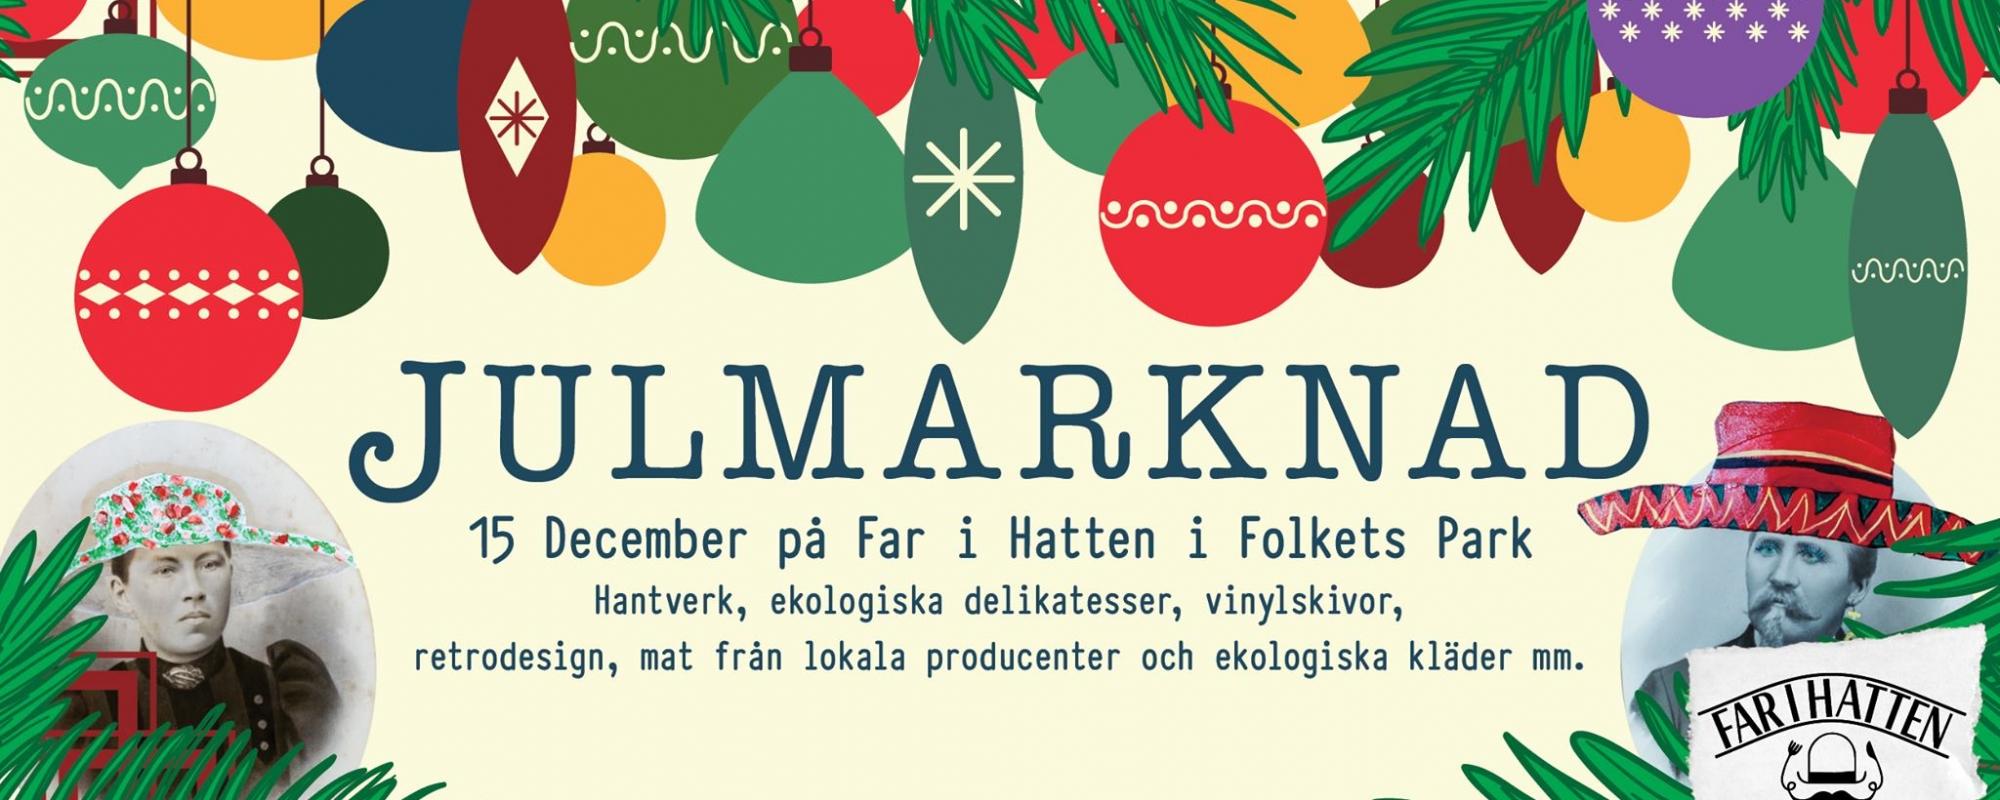 Informationsbild om julmarknad på Far i Hatten. Julkulor hänger ner överst i bild.